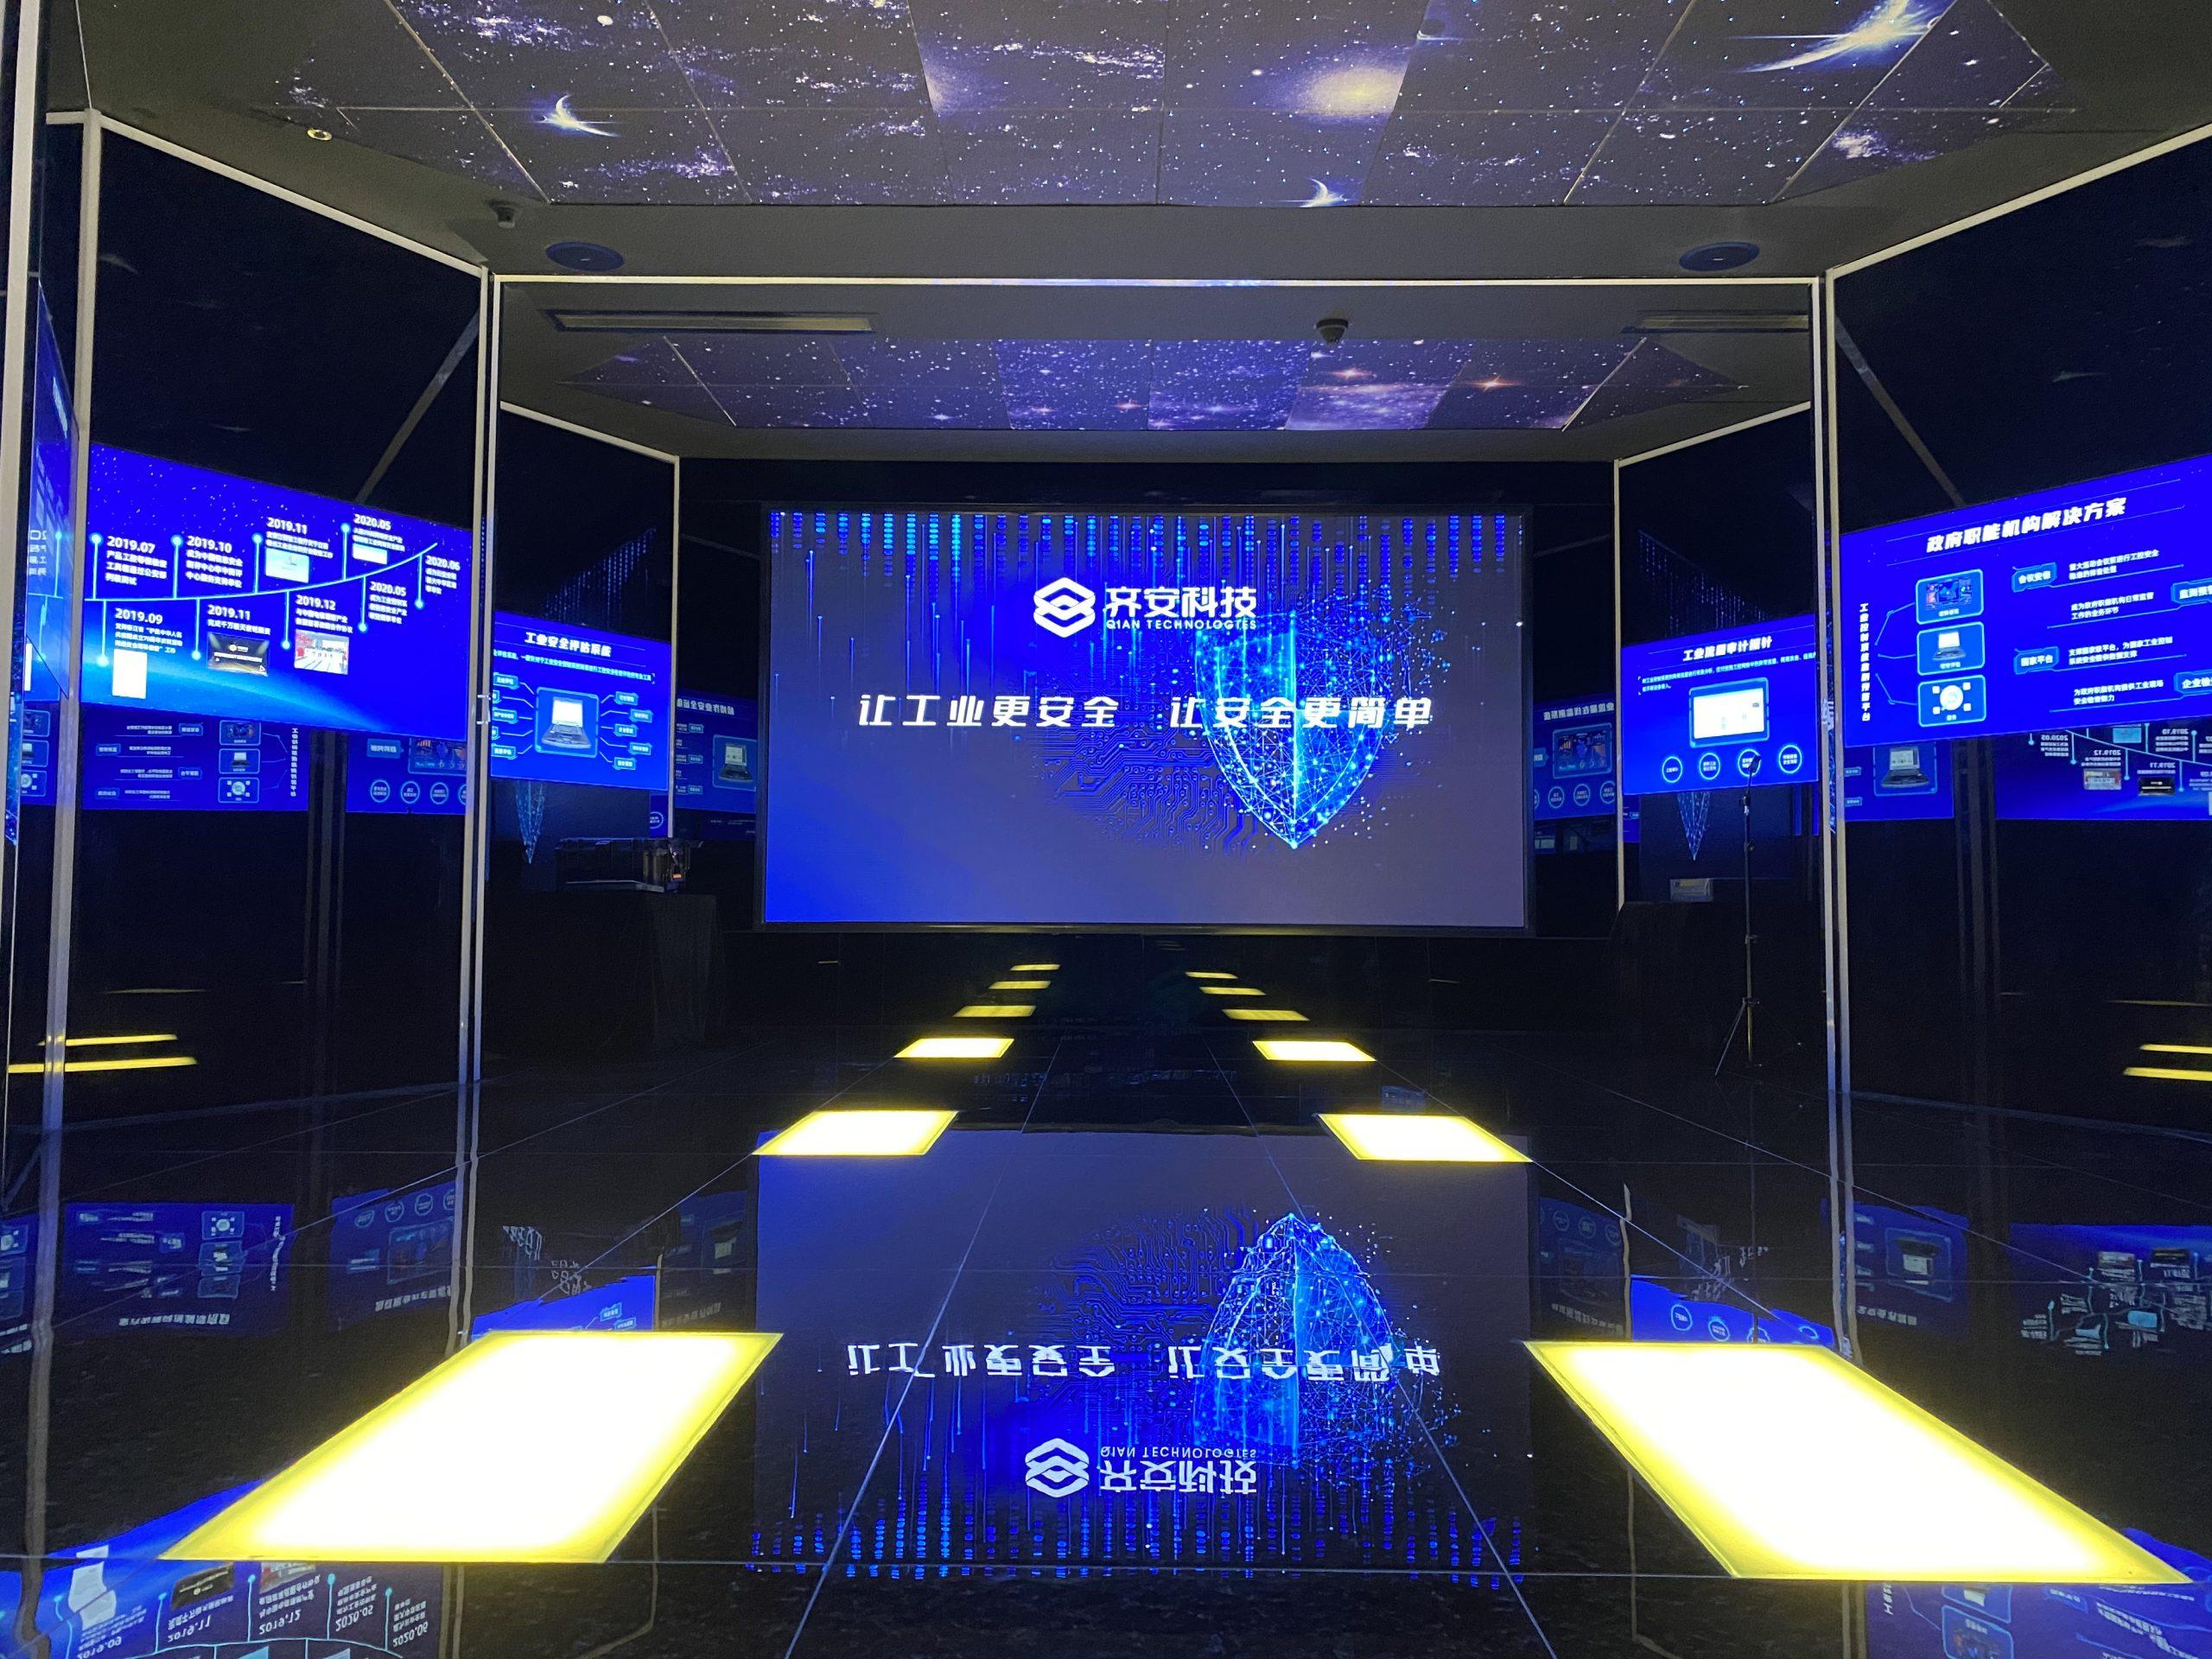 BCS 2020云展厅齐安科技篇:让工业更安全 让安全更简单